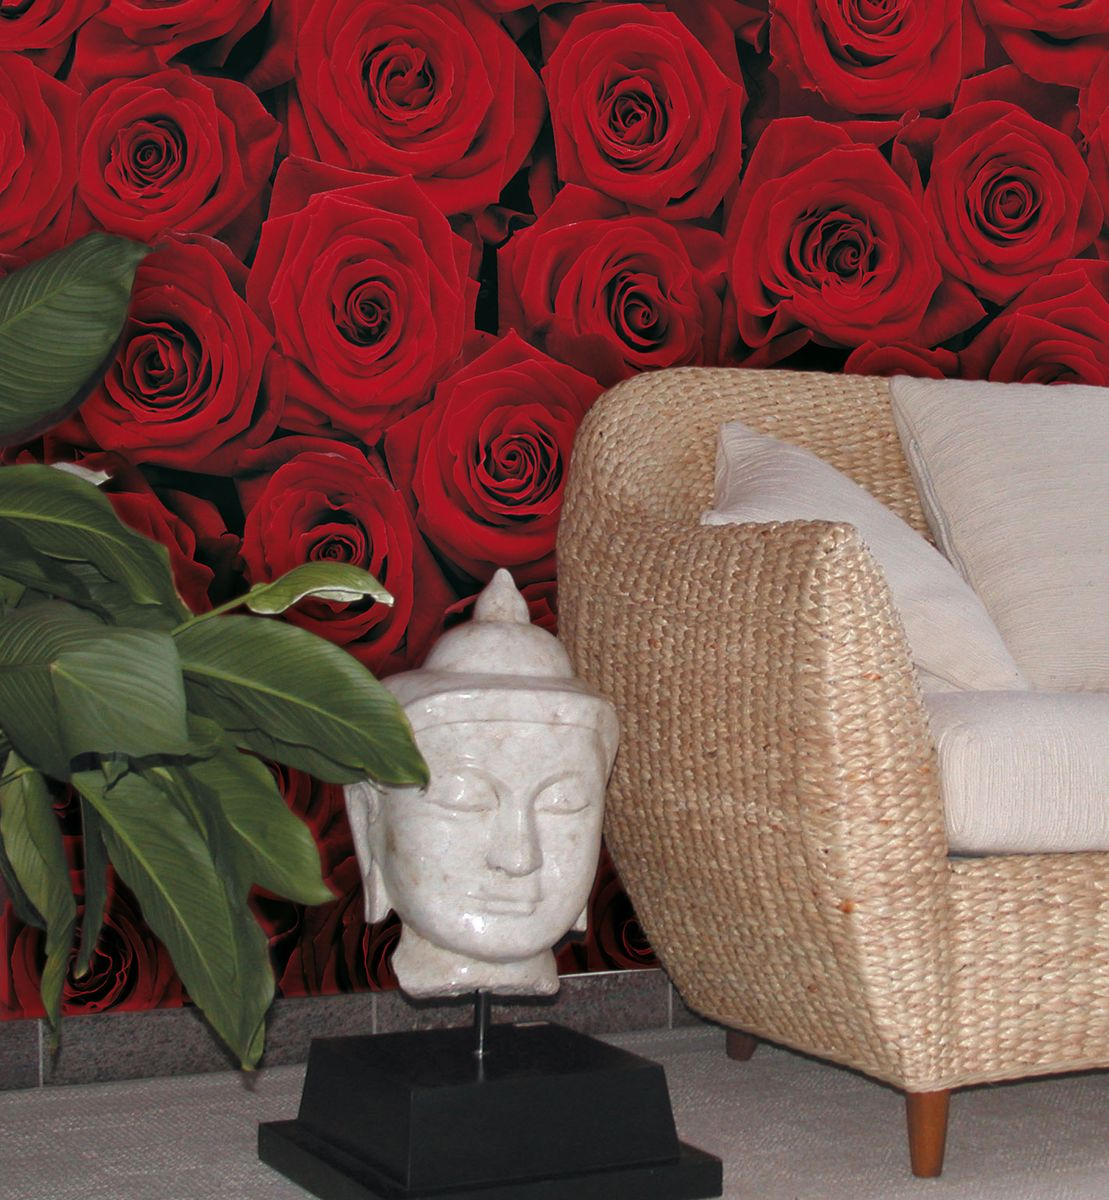 Фотообои роза в интерьере фото